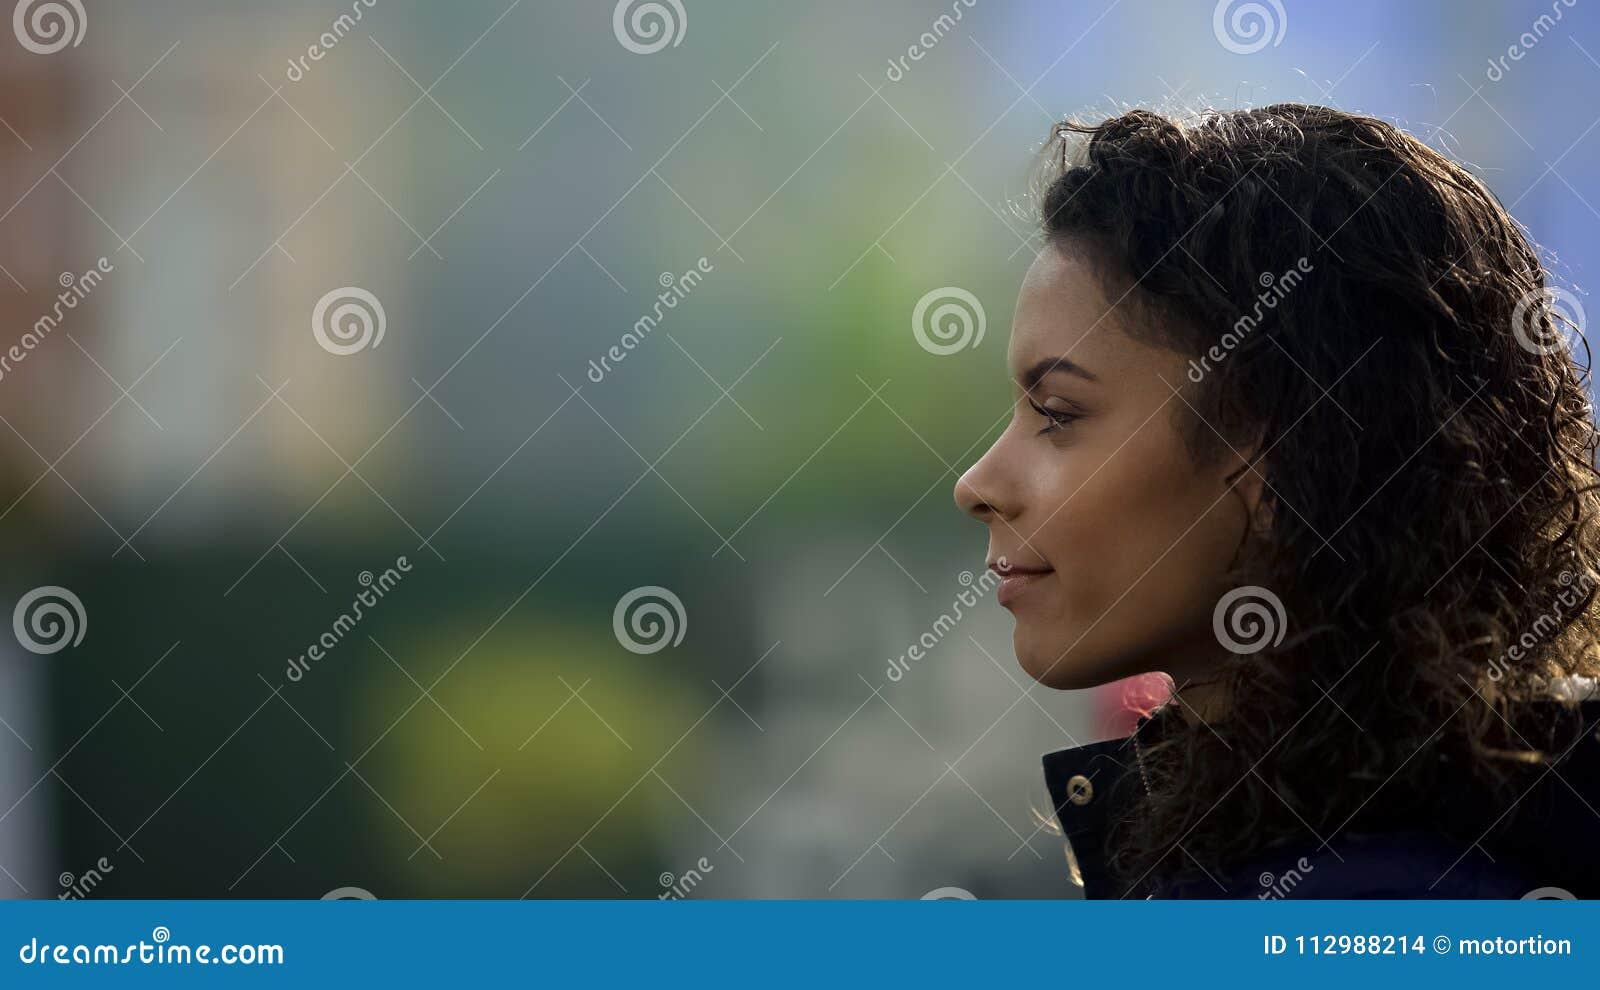 Sourire modèle femelle inspiré, beau portrait biracial de jeune dame dans le profil